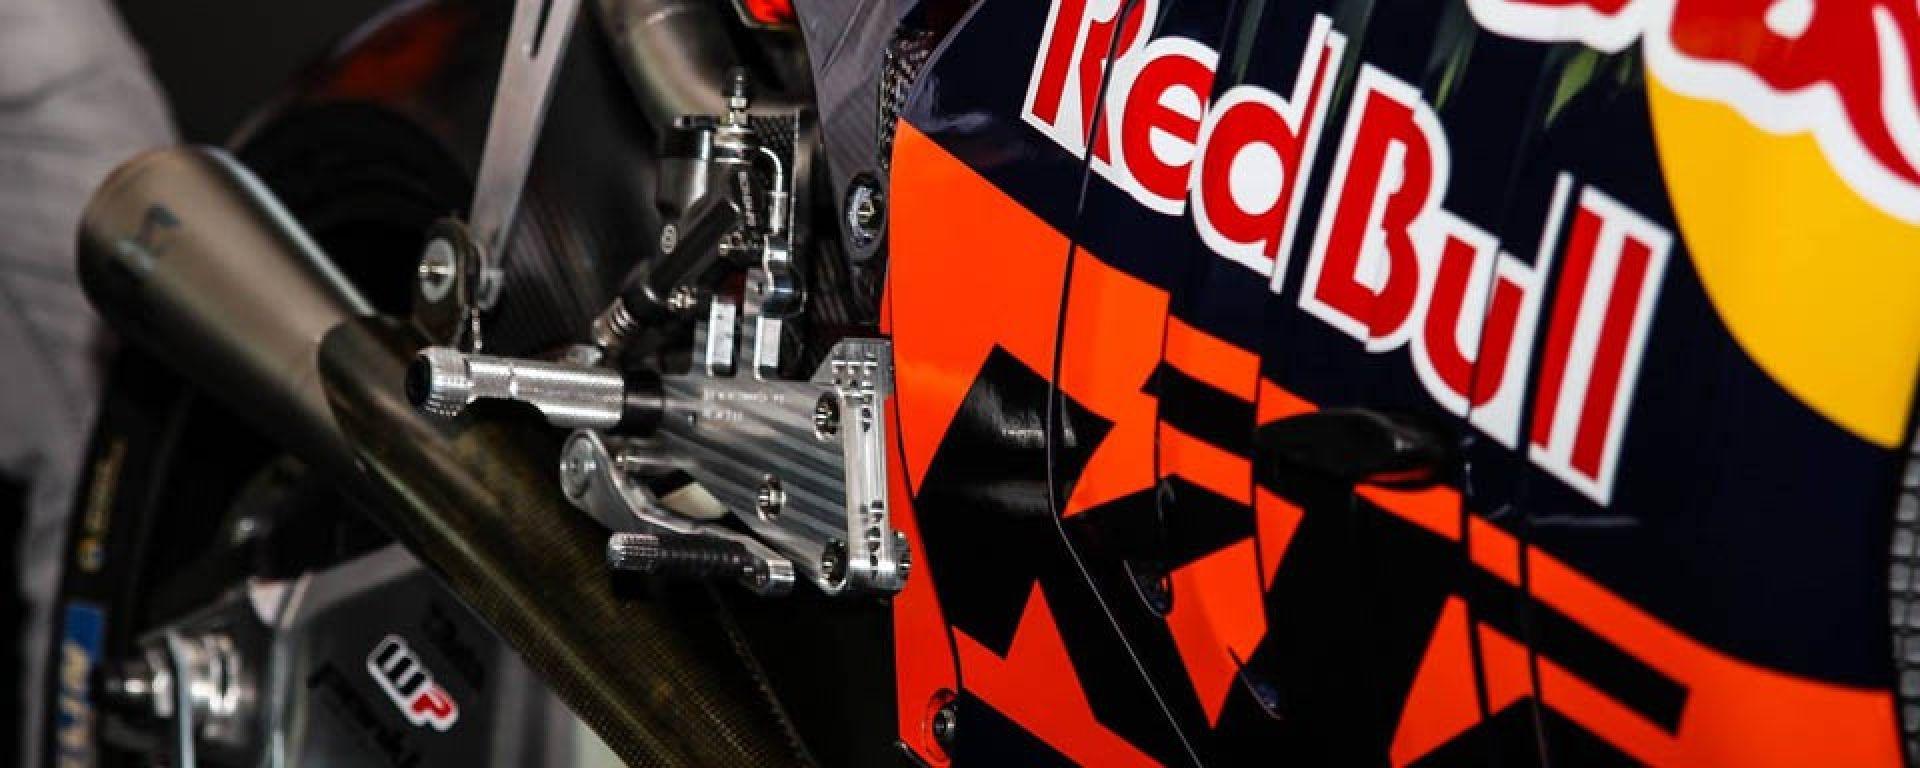 KTM e Tech 3 dal 2019